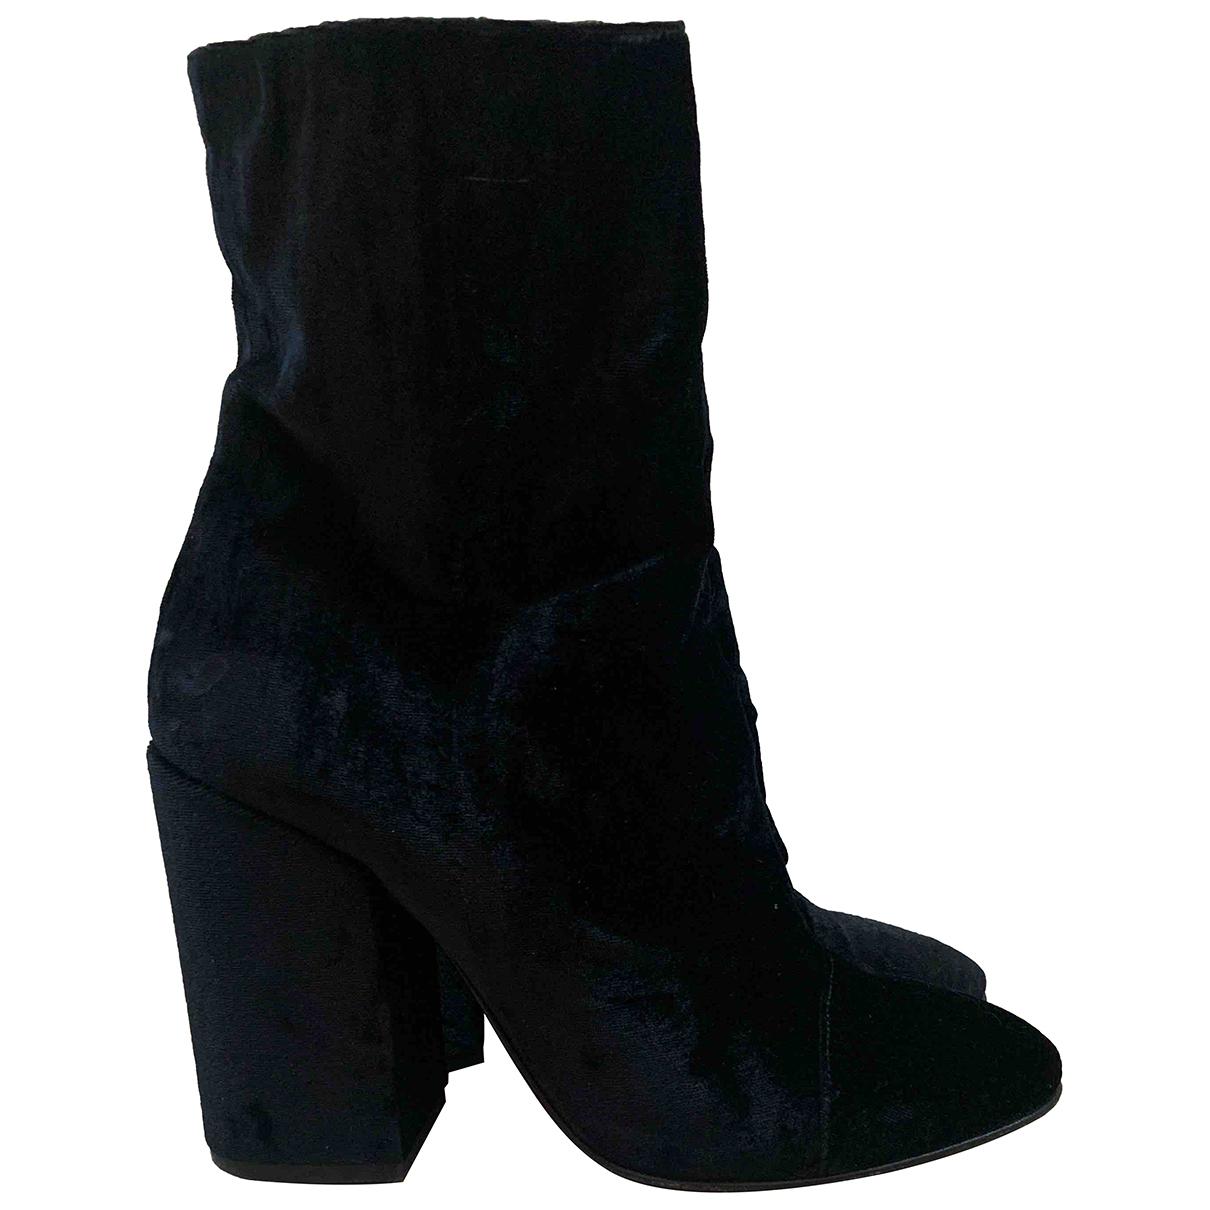 Dries Van Noten - Boots   pour femme en velours - noir